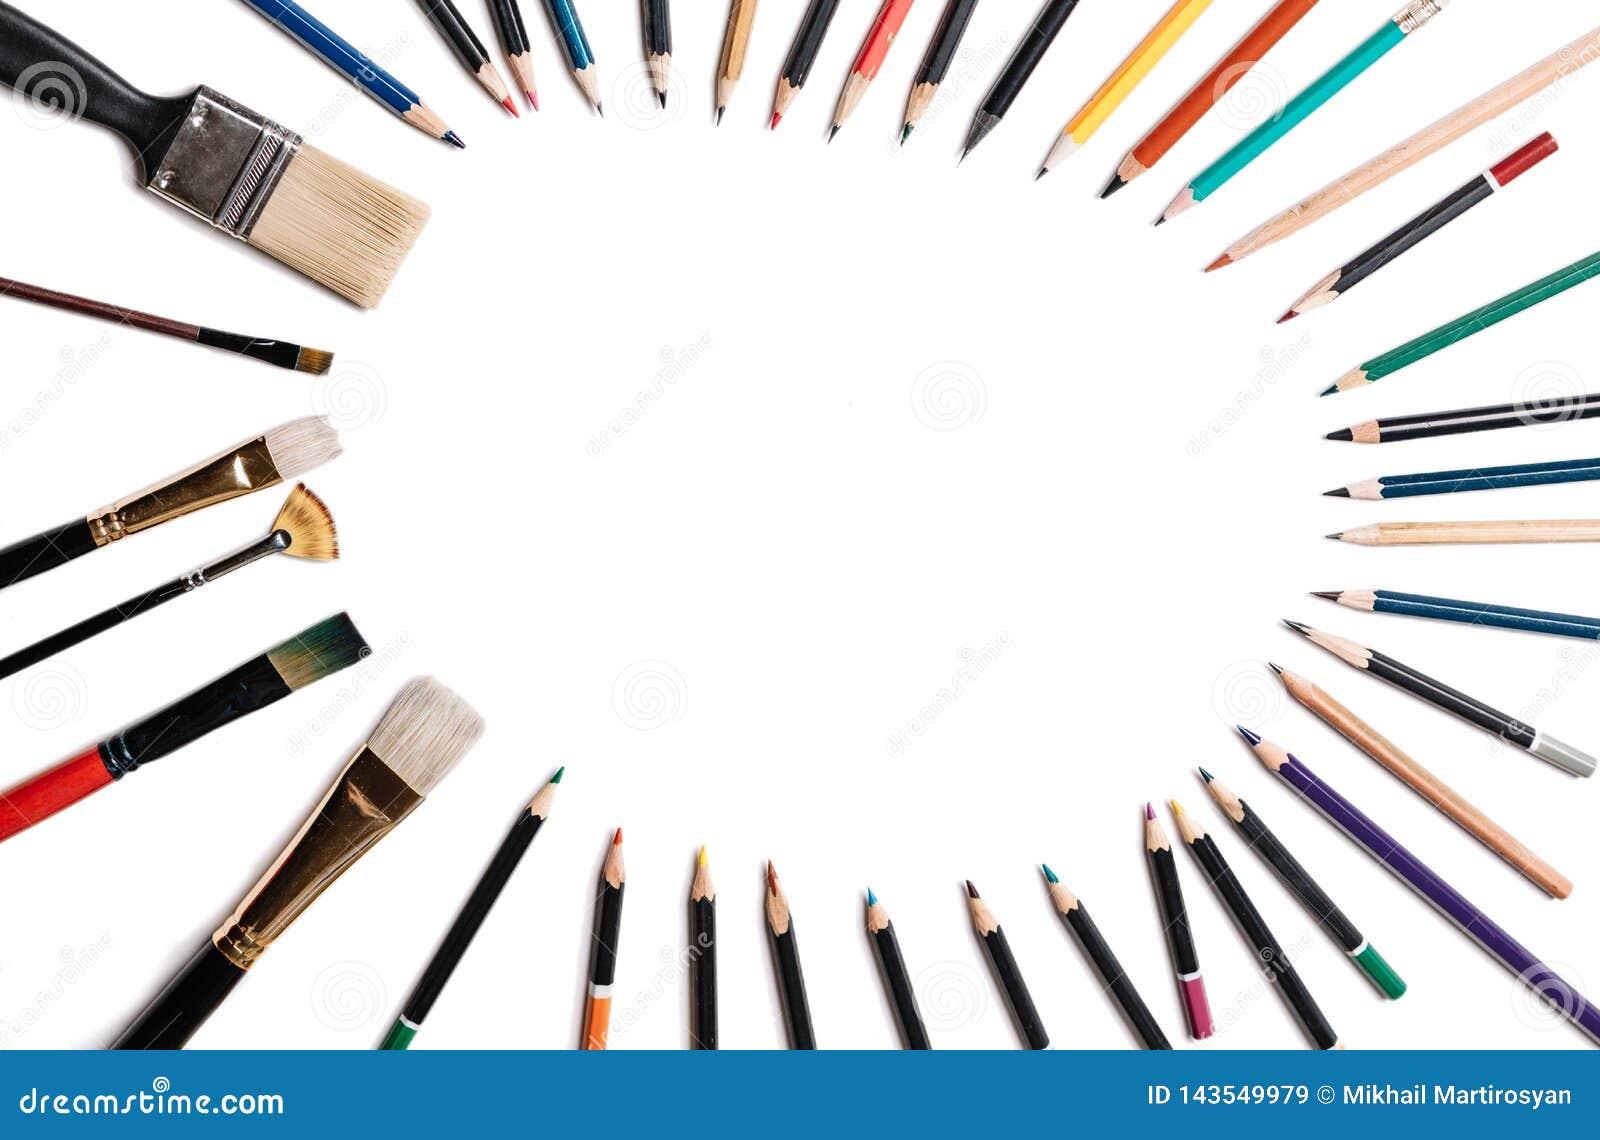 Barwioni ołówki z kitkami odizolowywać na białym tle Wykładający w postaci owalnej ramy z przestrzenią dla teksta lub wizerunku